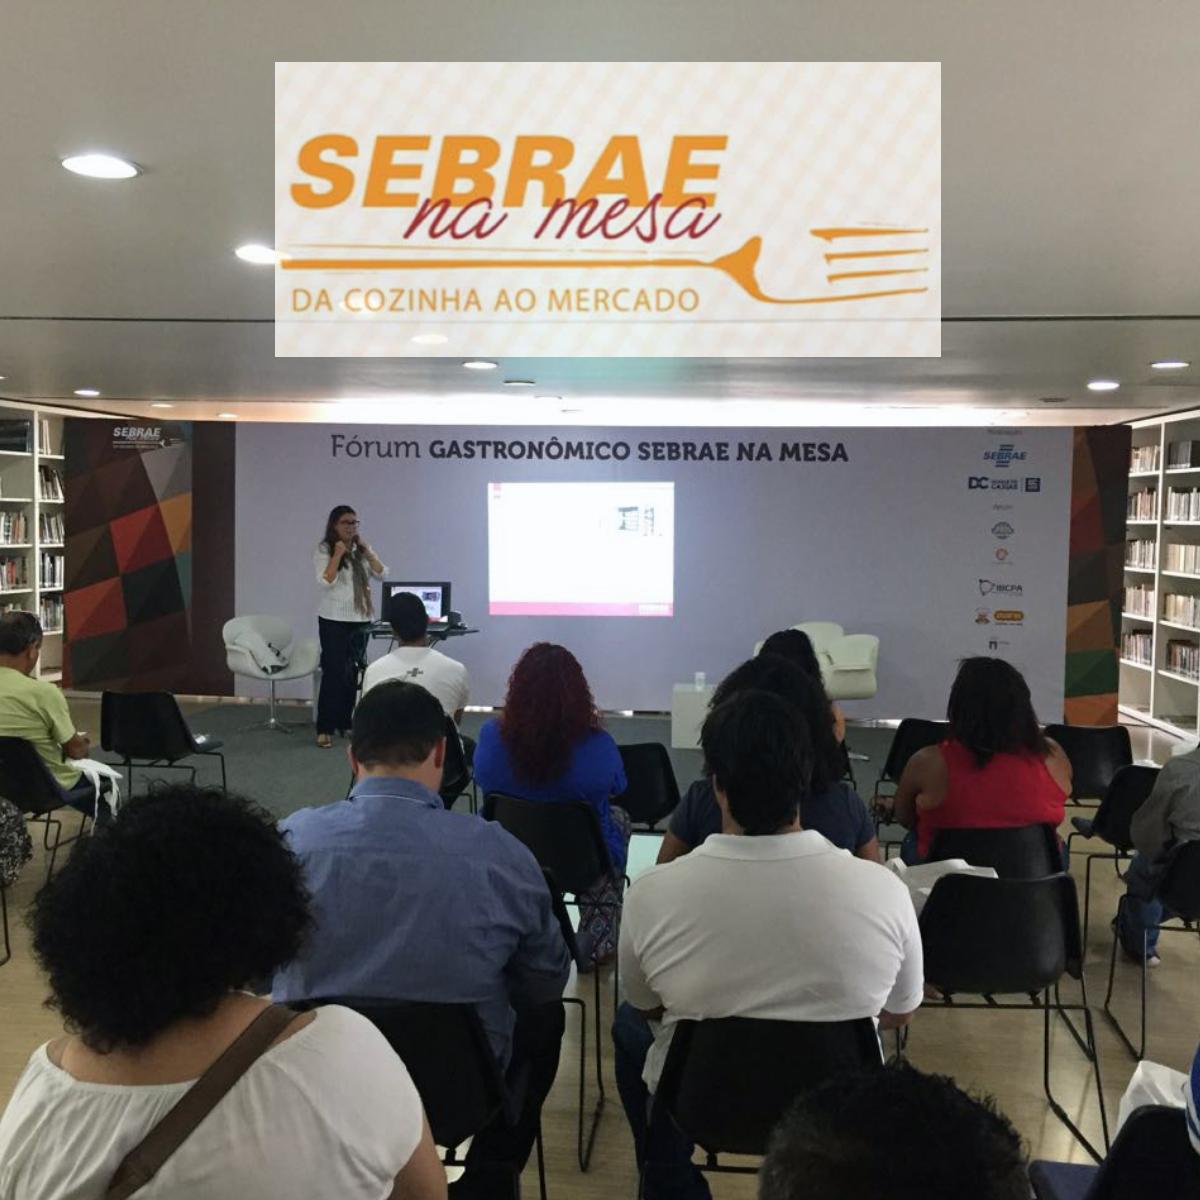 EVENTOS: SEBRAE NA MESA - Da cozinha ao Mercado